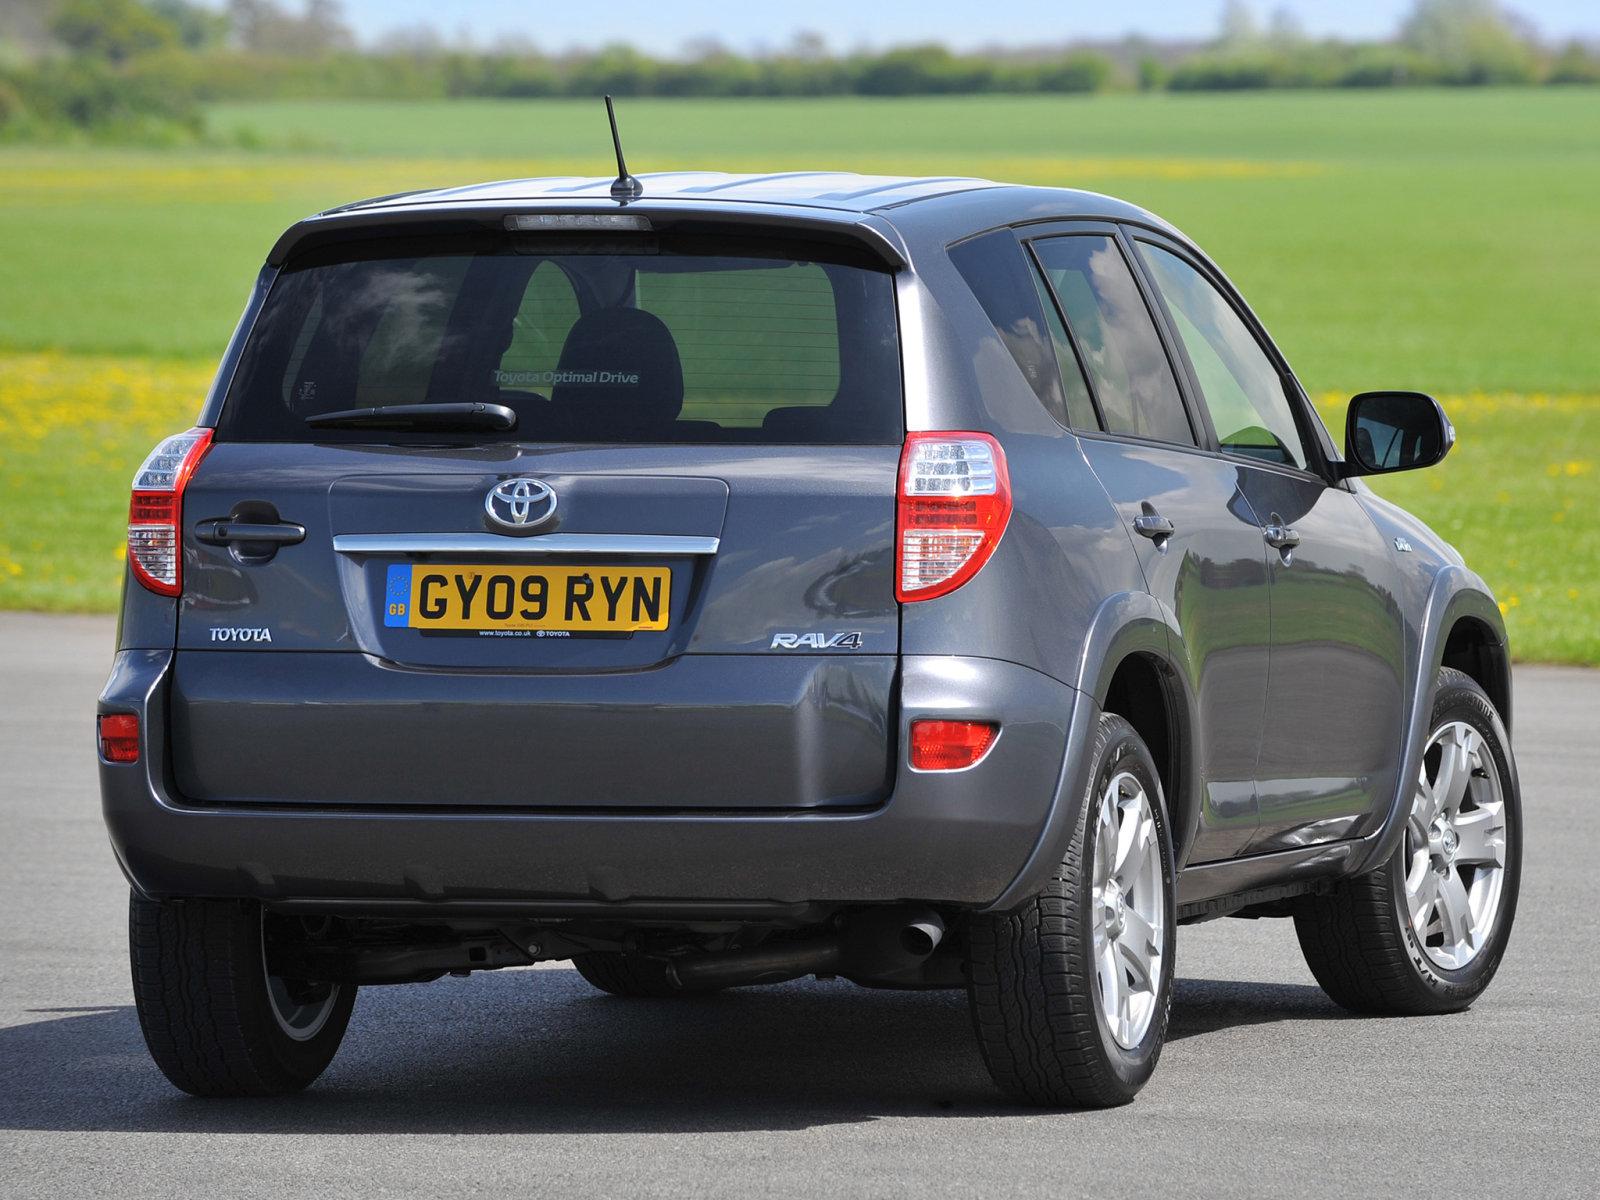 Продажа Toyota (Тойота) - auto.drom.ru